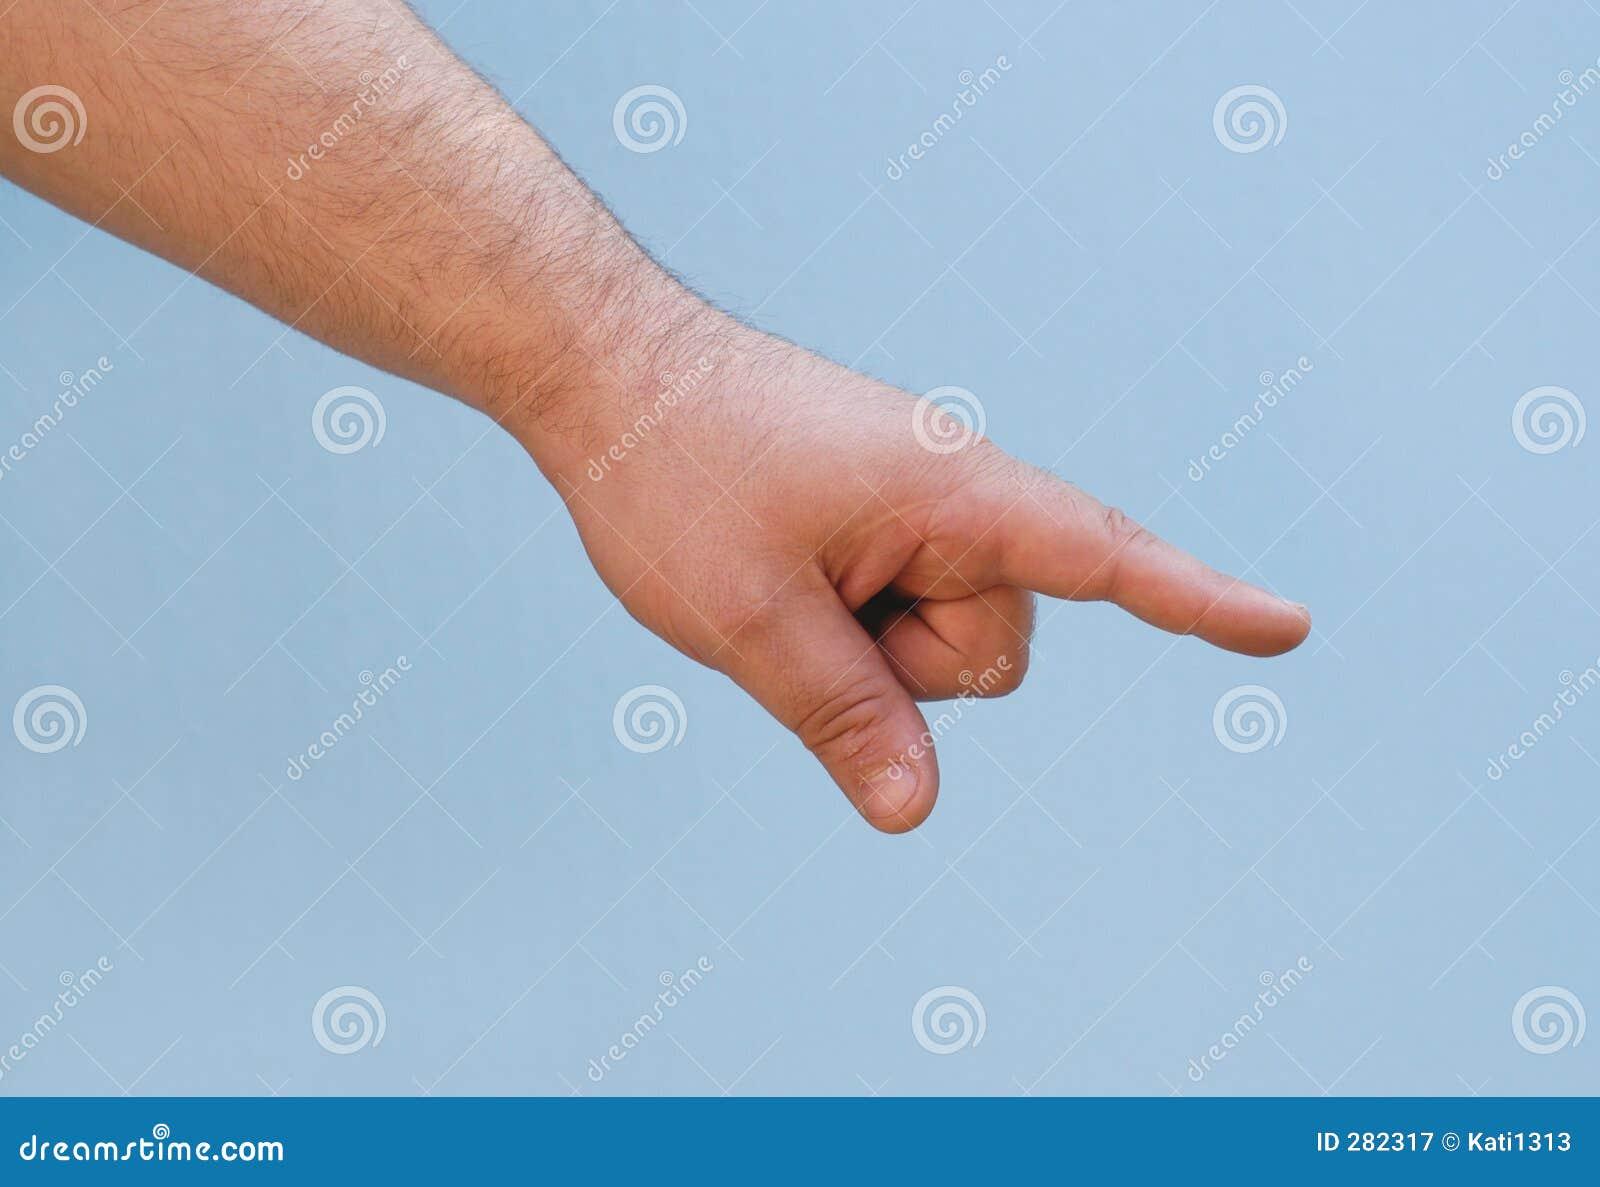 Handshows